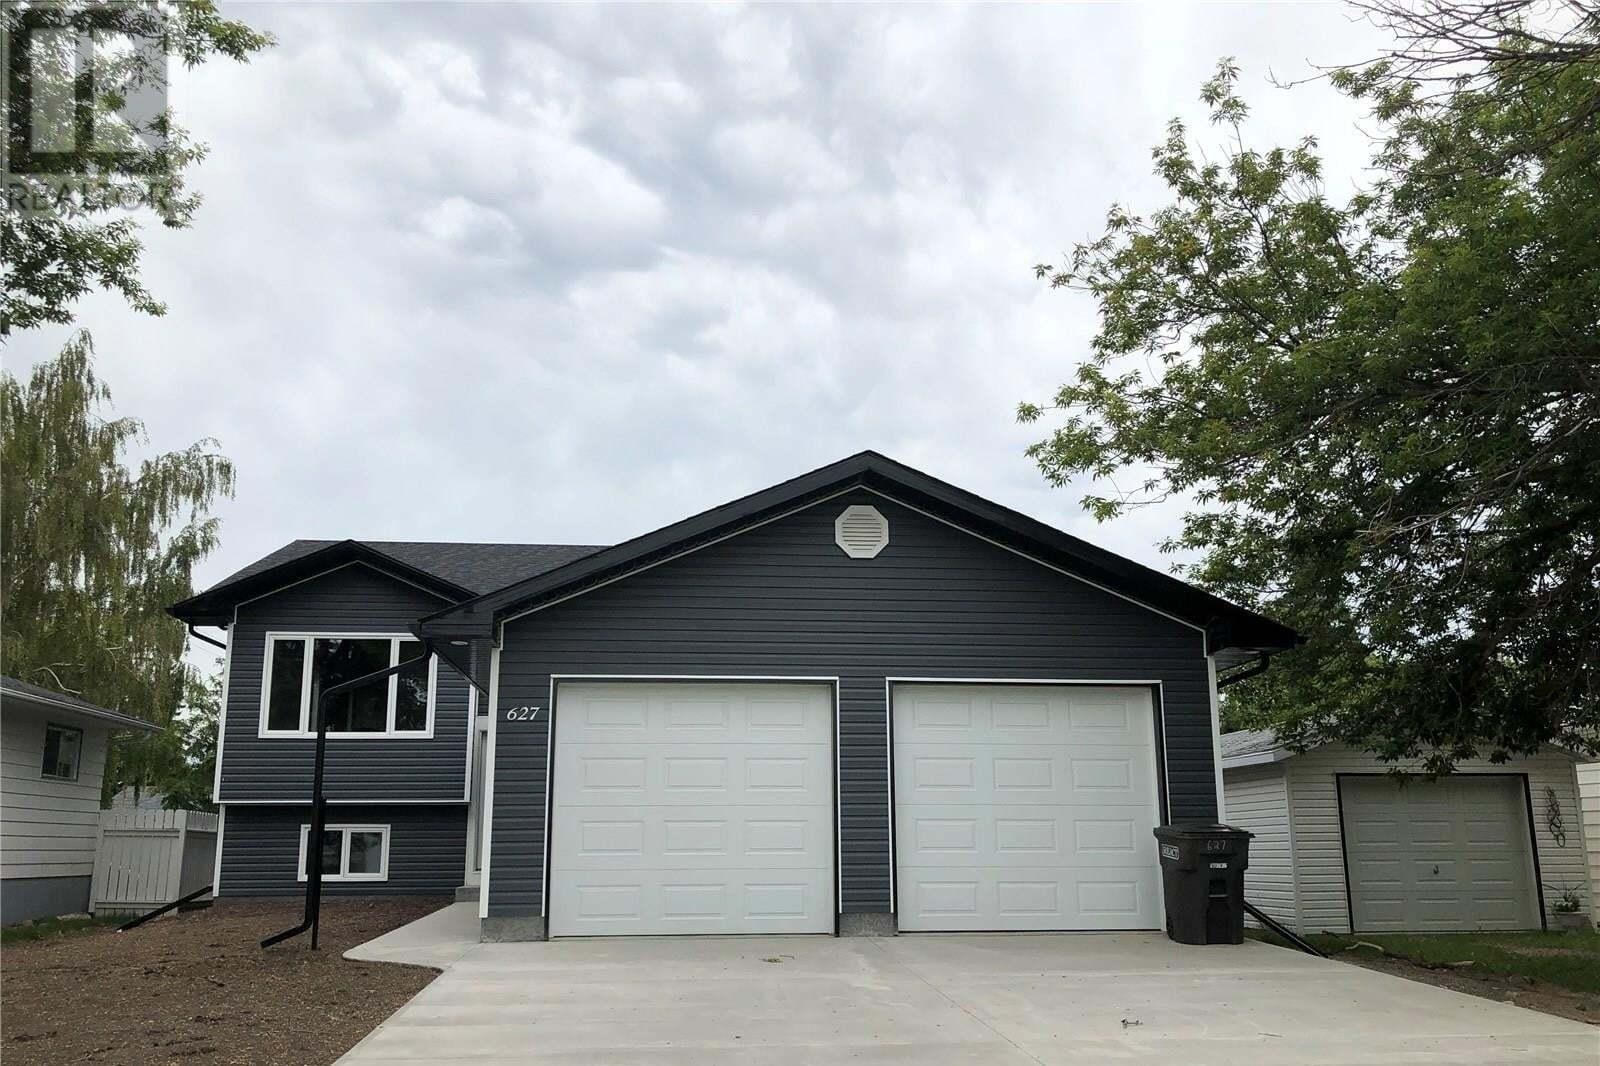 House for sale at 627 12th St Humboldt Saskatchewan - MLS: SK810145